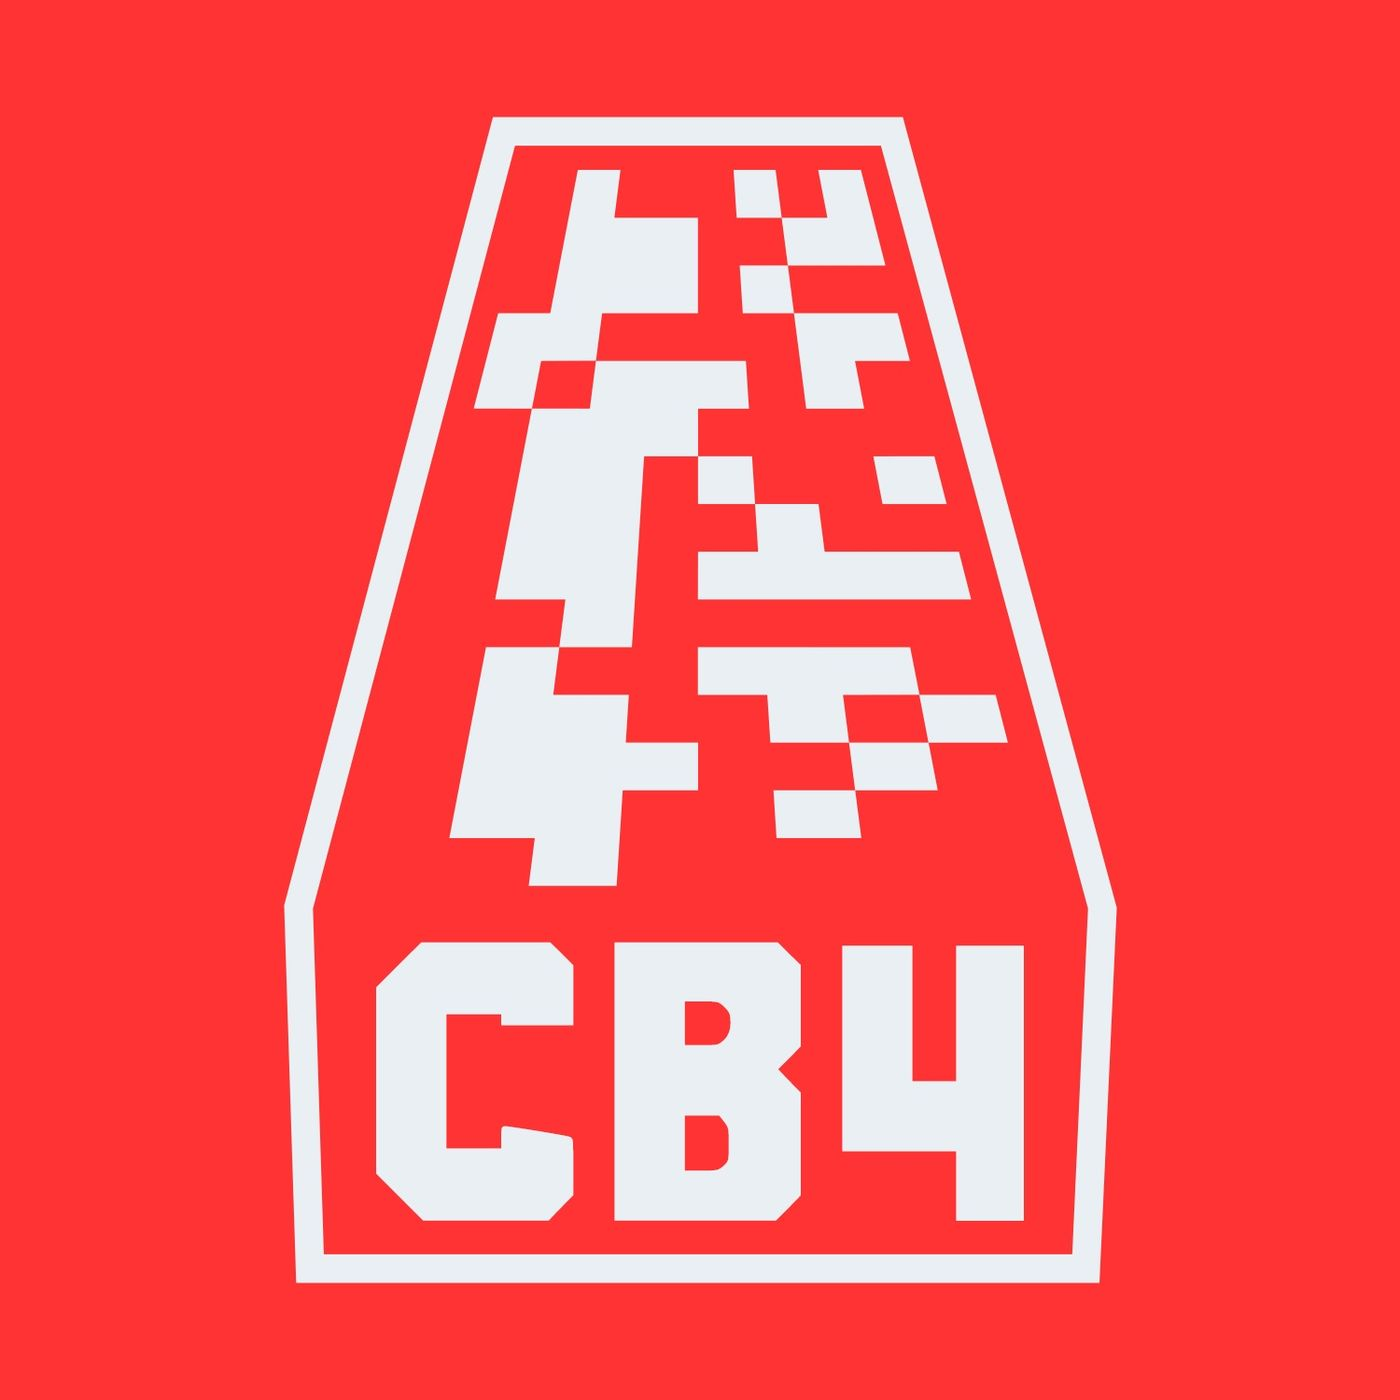 EvG- Crash Bandicoot 4: Un nuevo juego clásico